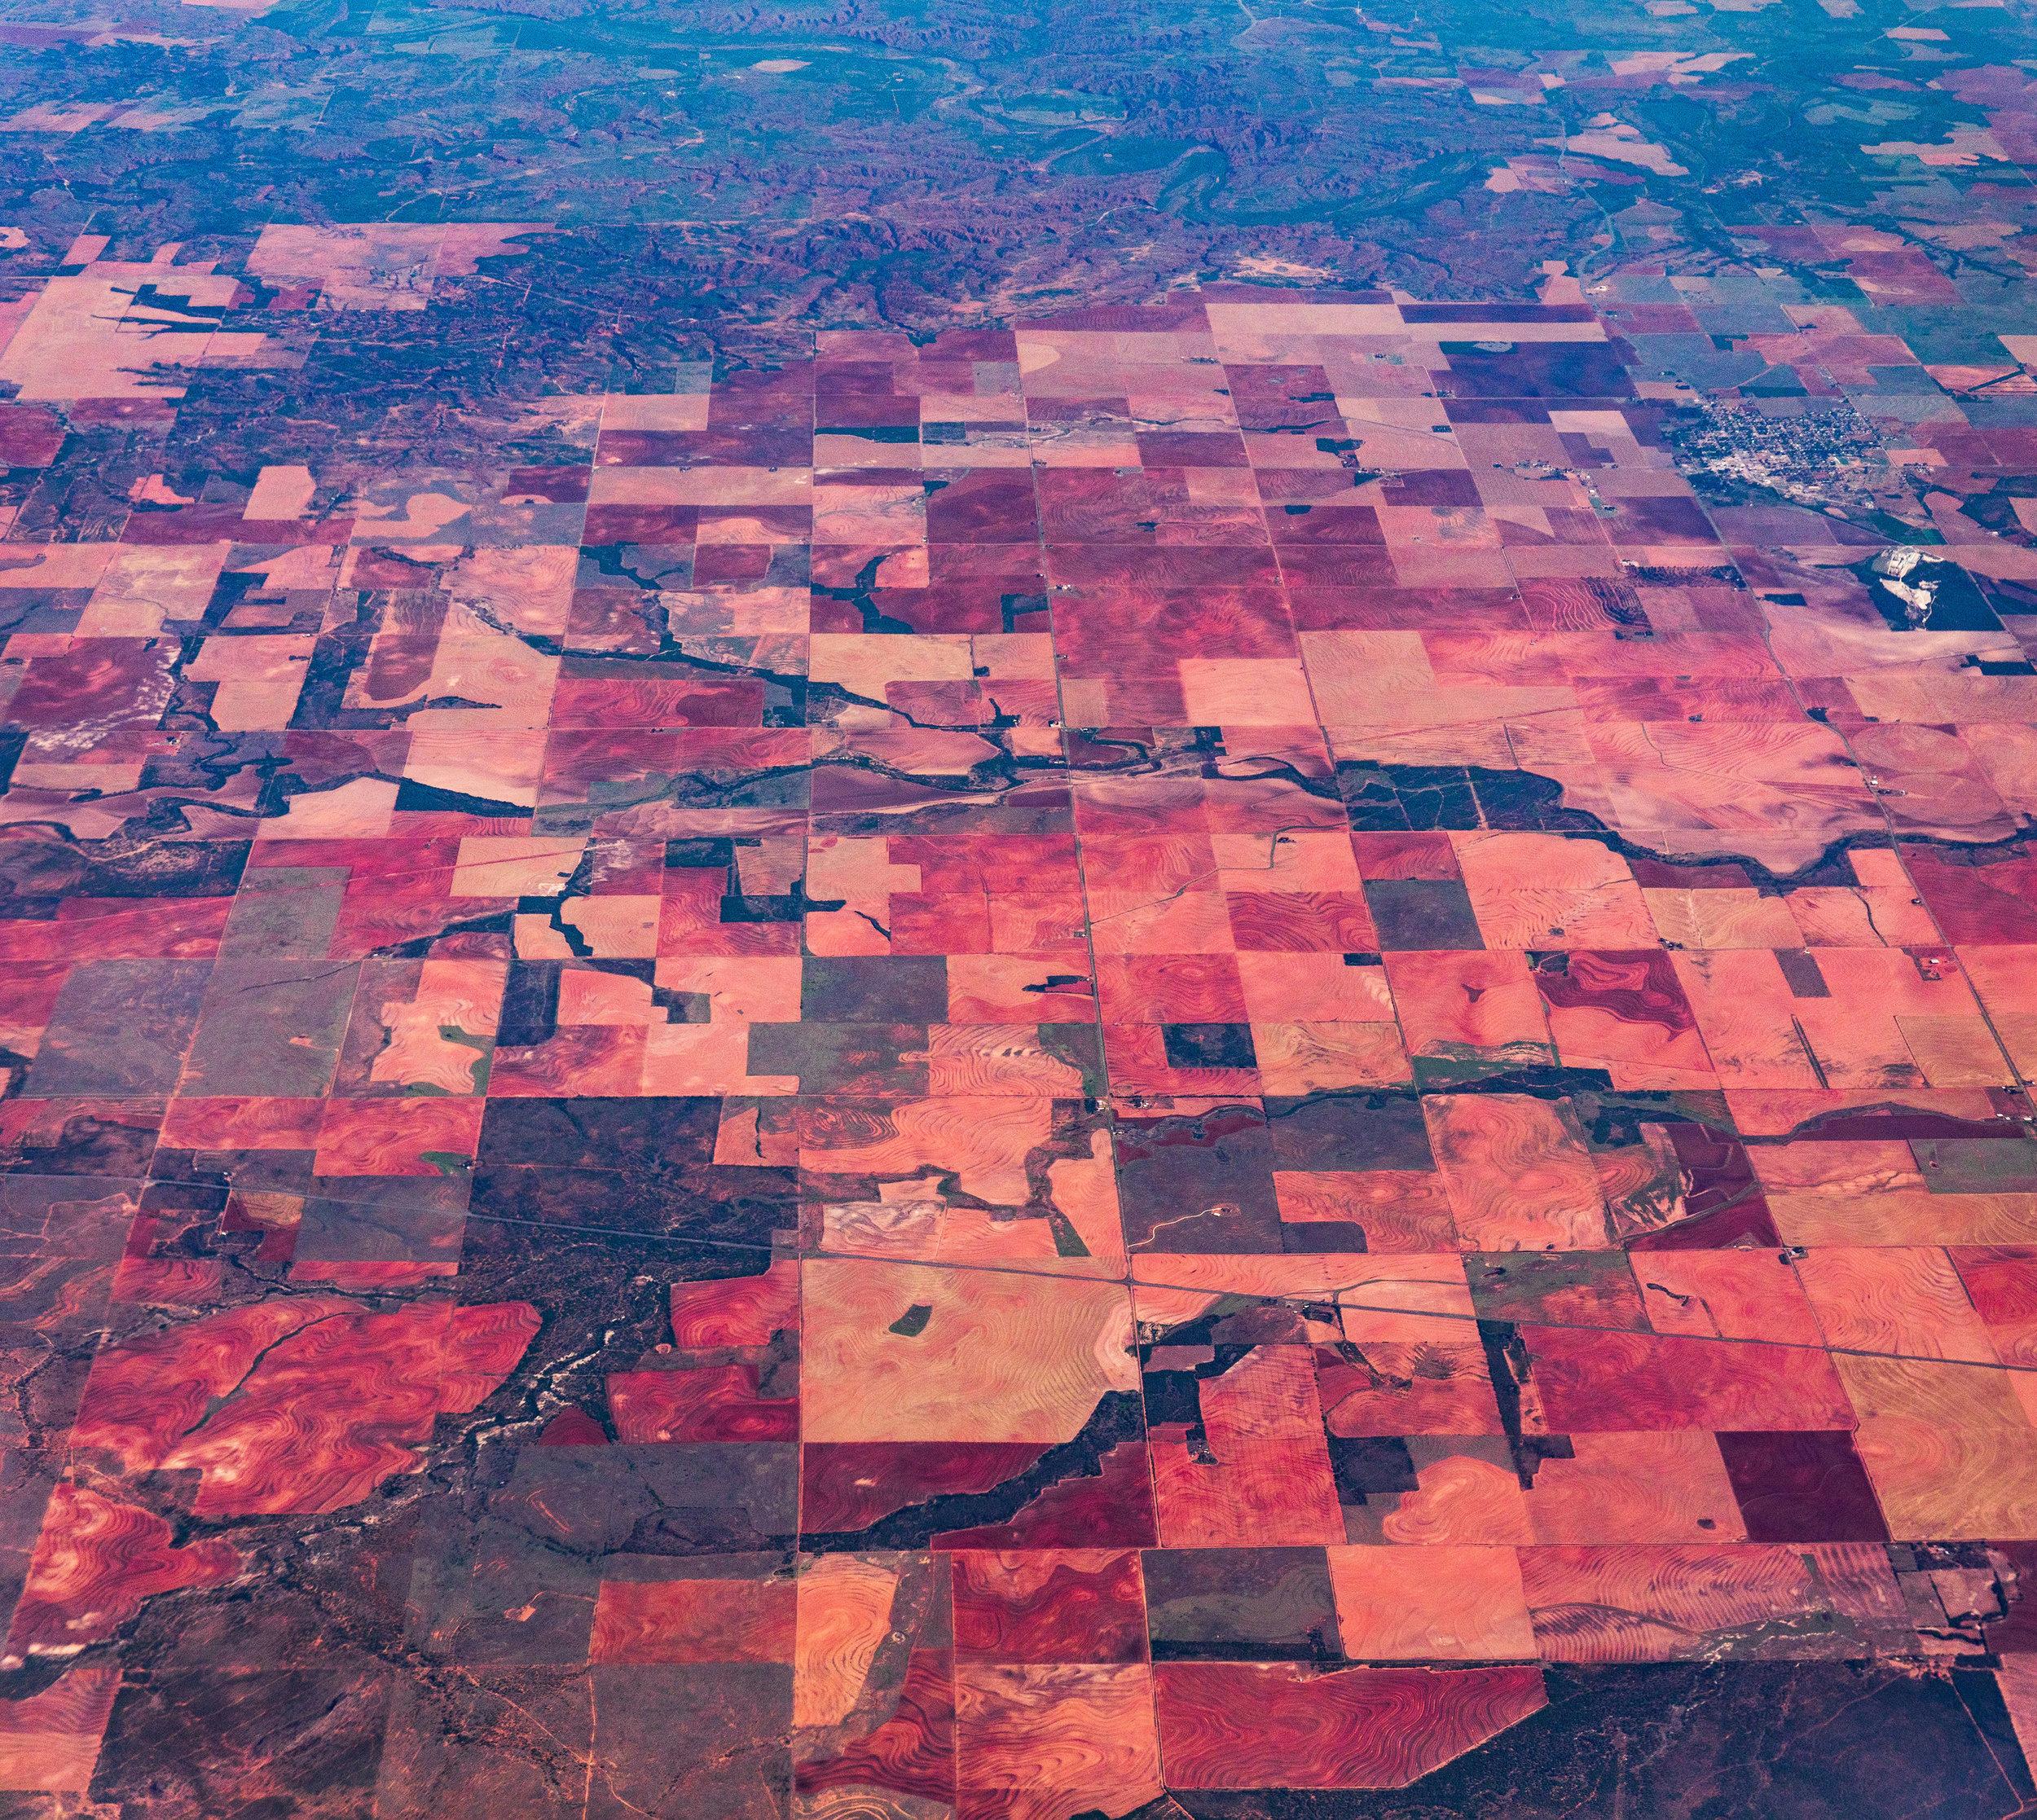 Red soil farmland at Rotan, Texas